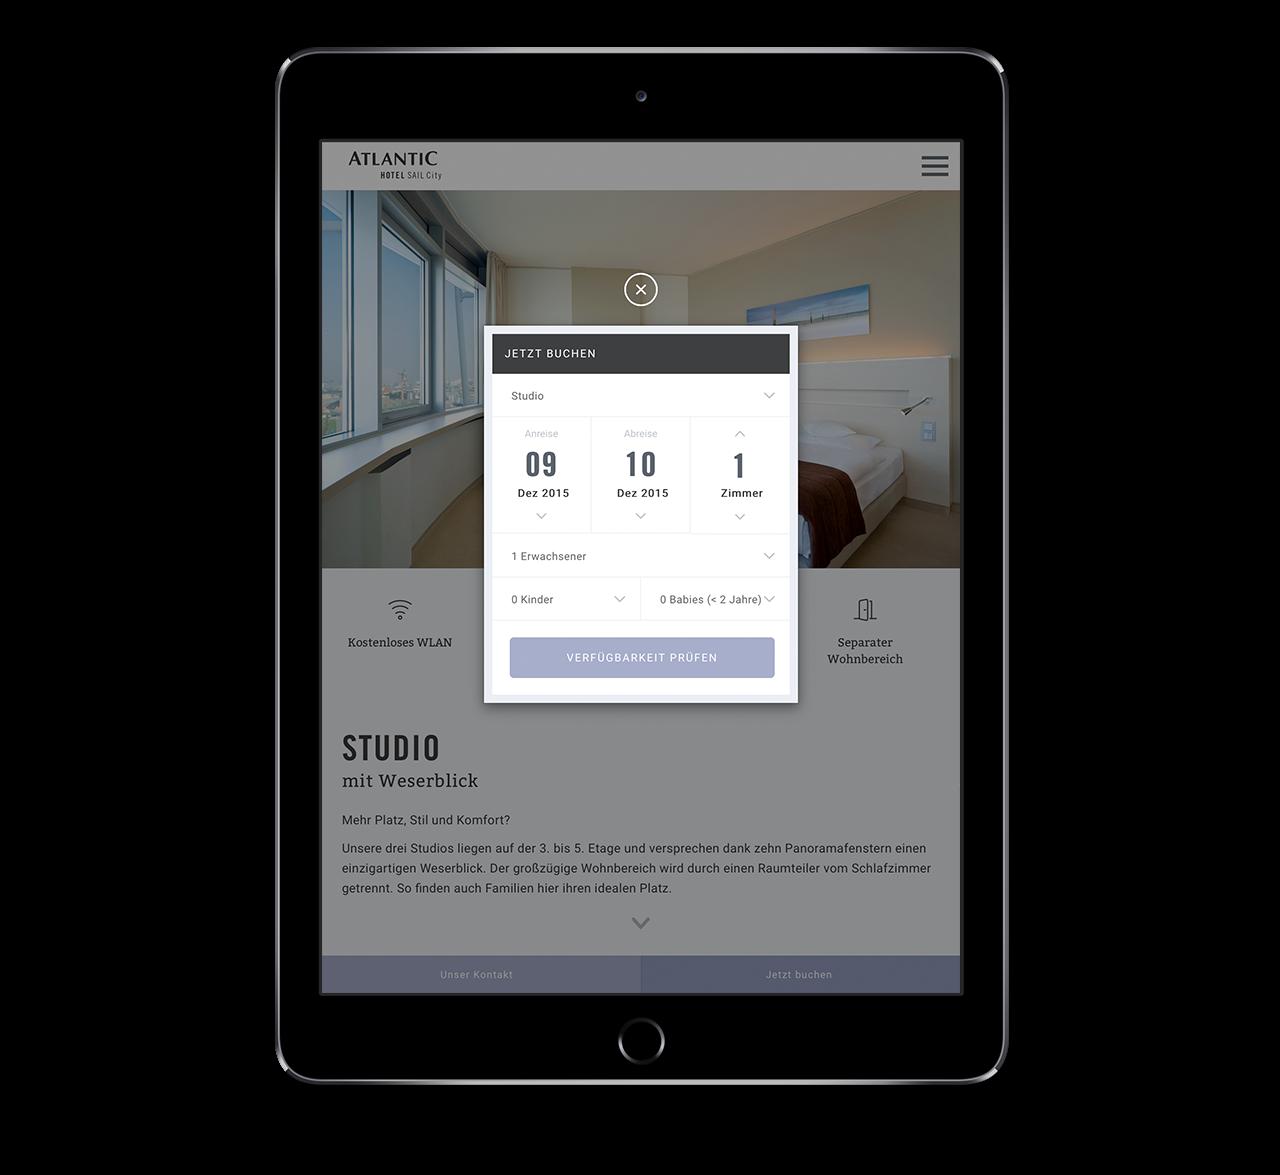 Mobile Website der ATLANTIC Hotels mit geöffnetem Buchungsformular auf einem Tablet / iPad